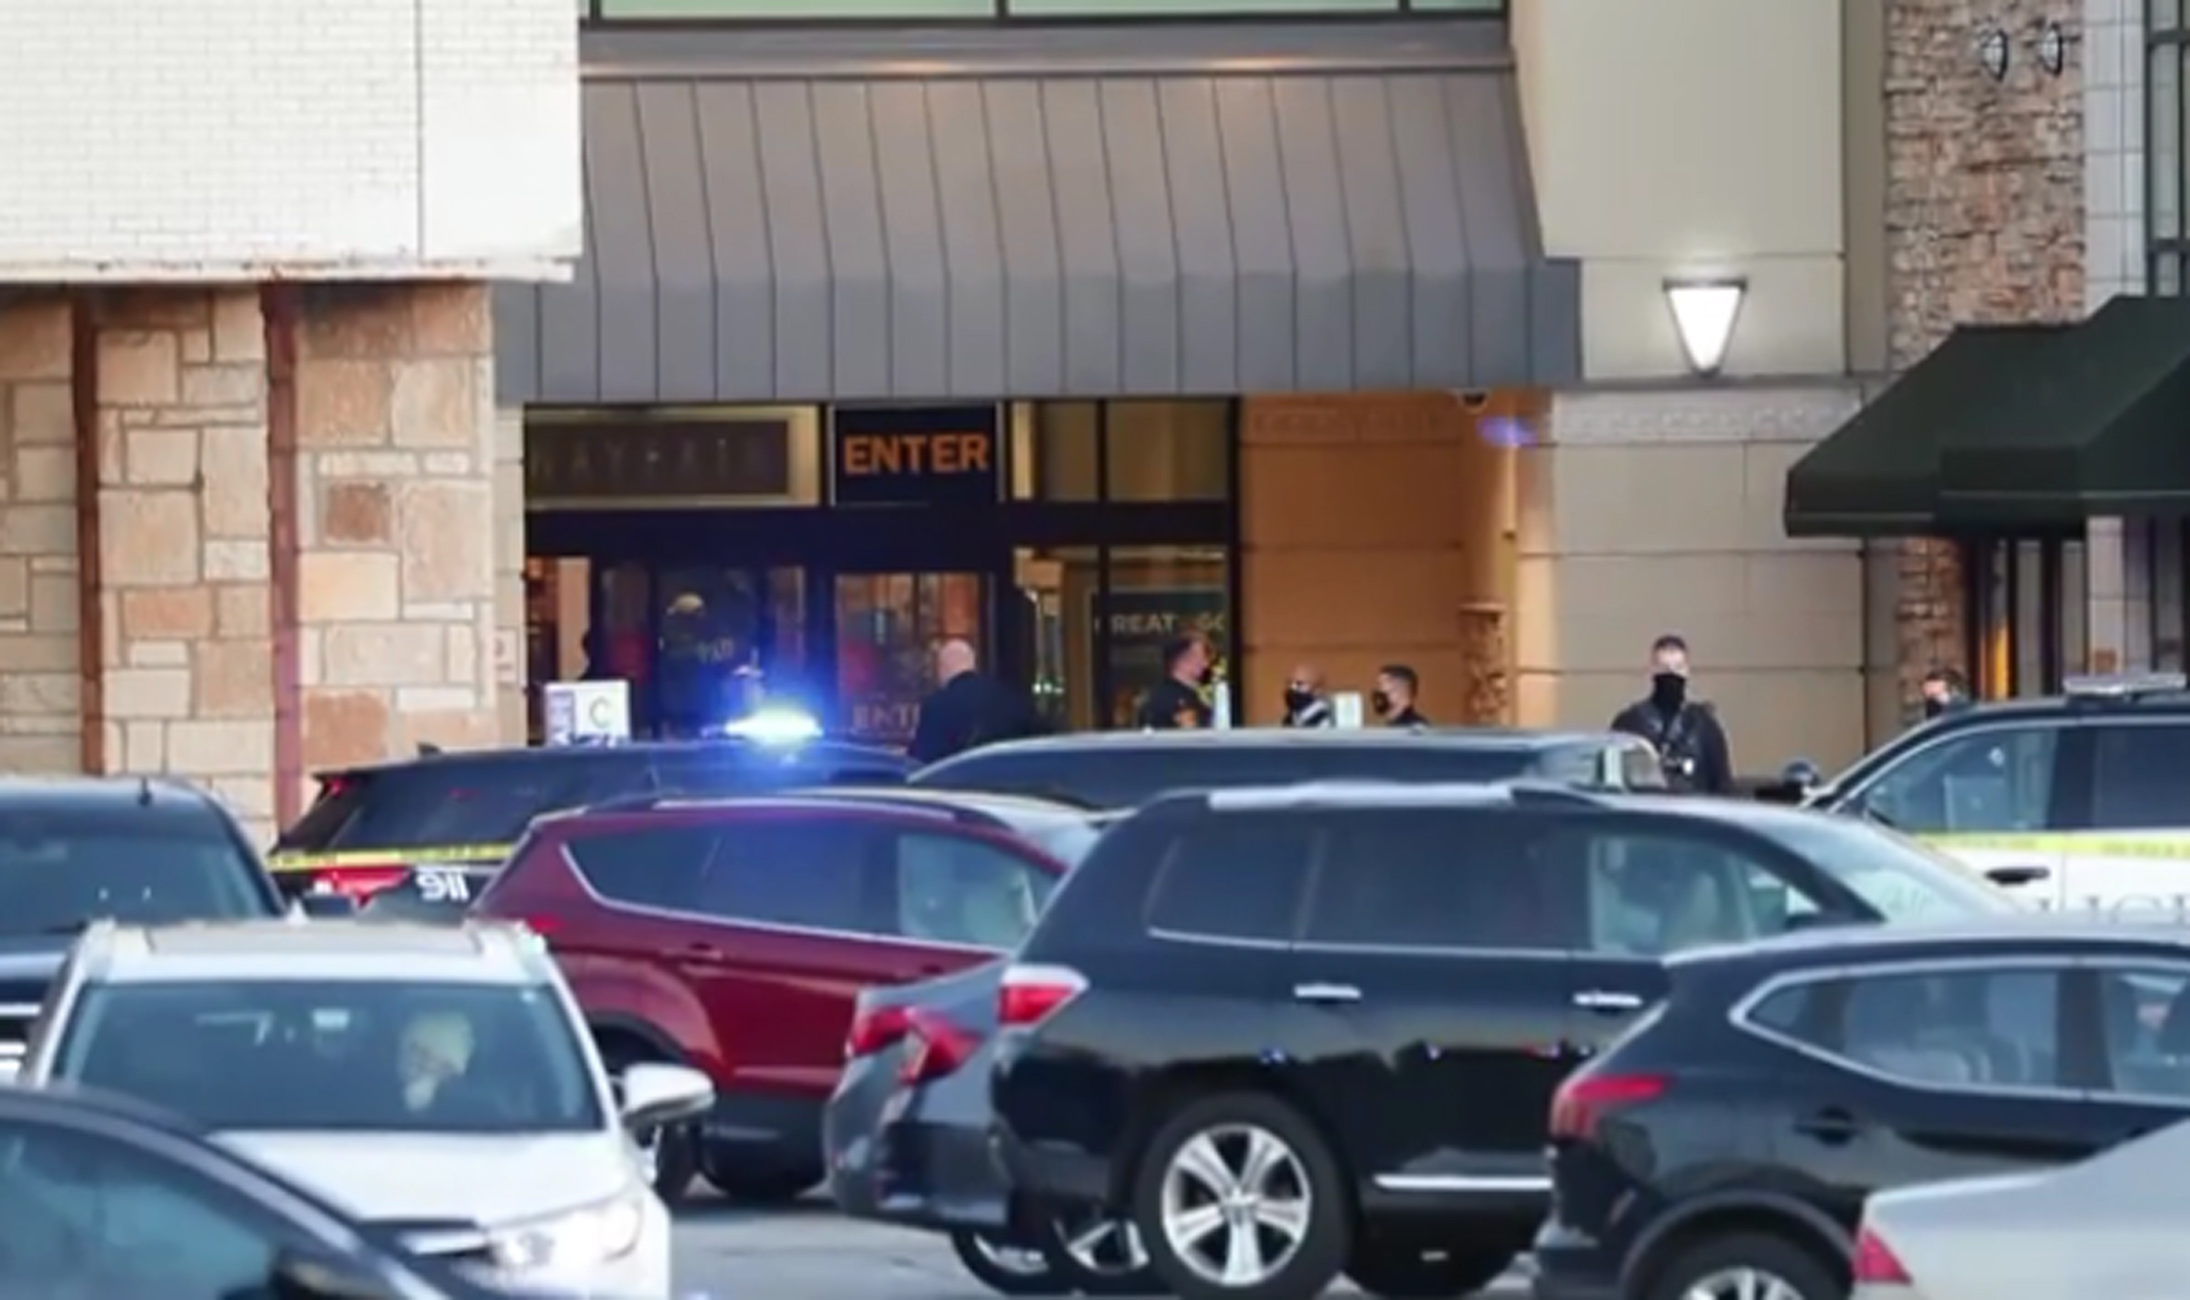 ΗΠΑ: Πυροβολισμοί σε εμπορικό κέντρο στο Μιλγουόκι – 8 τραυματίες